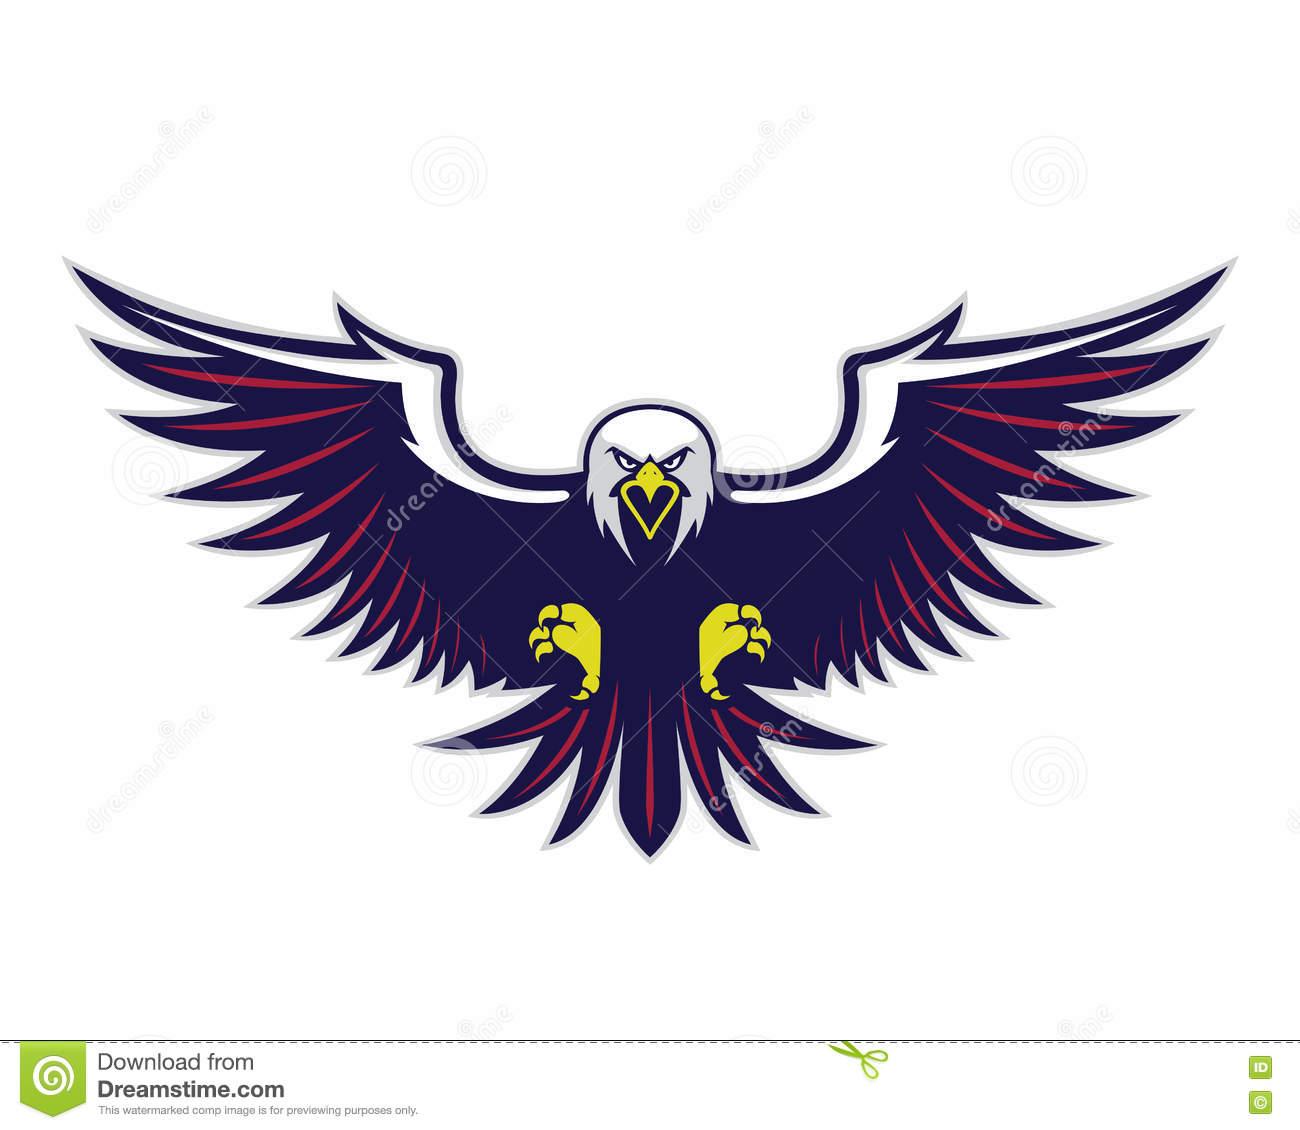 Flying eagle mascot stock vector. Illustration of flight.